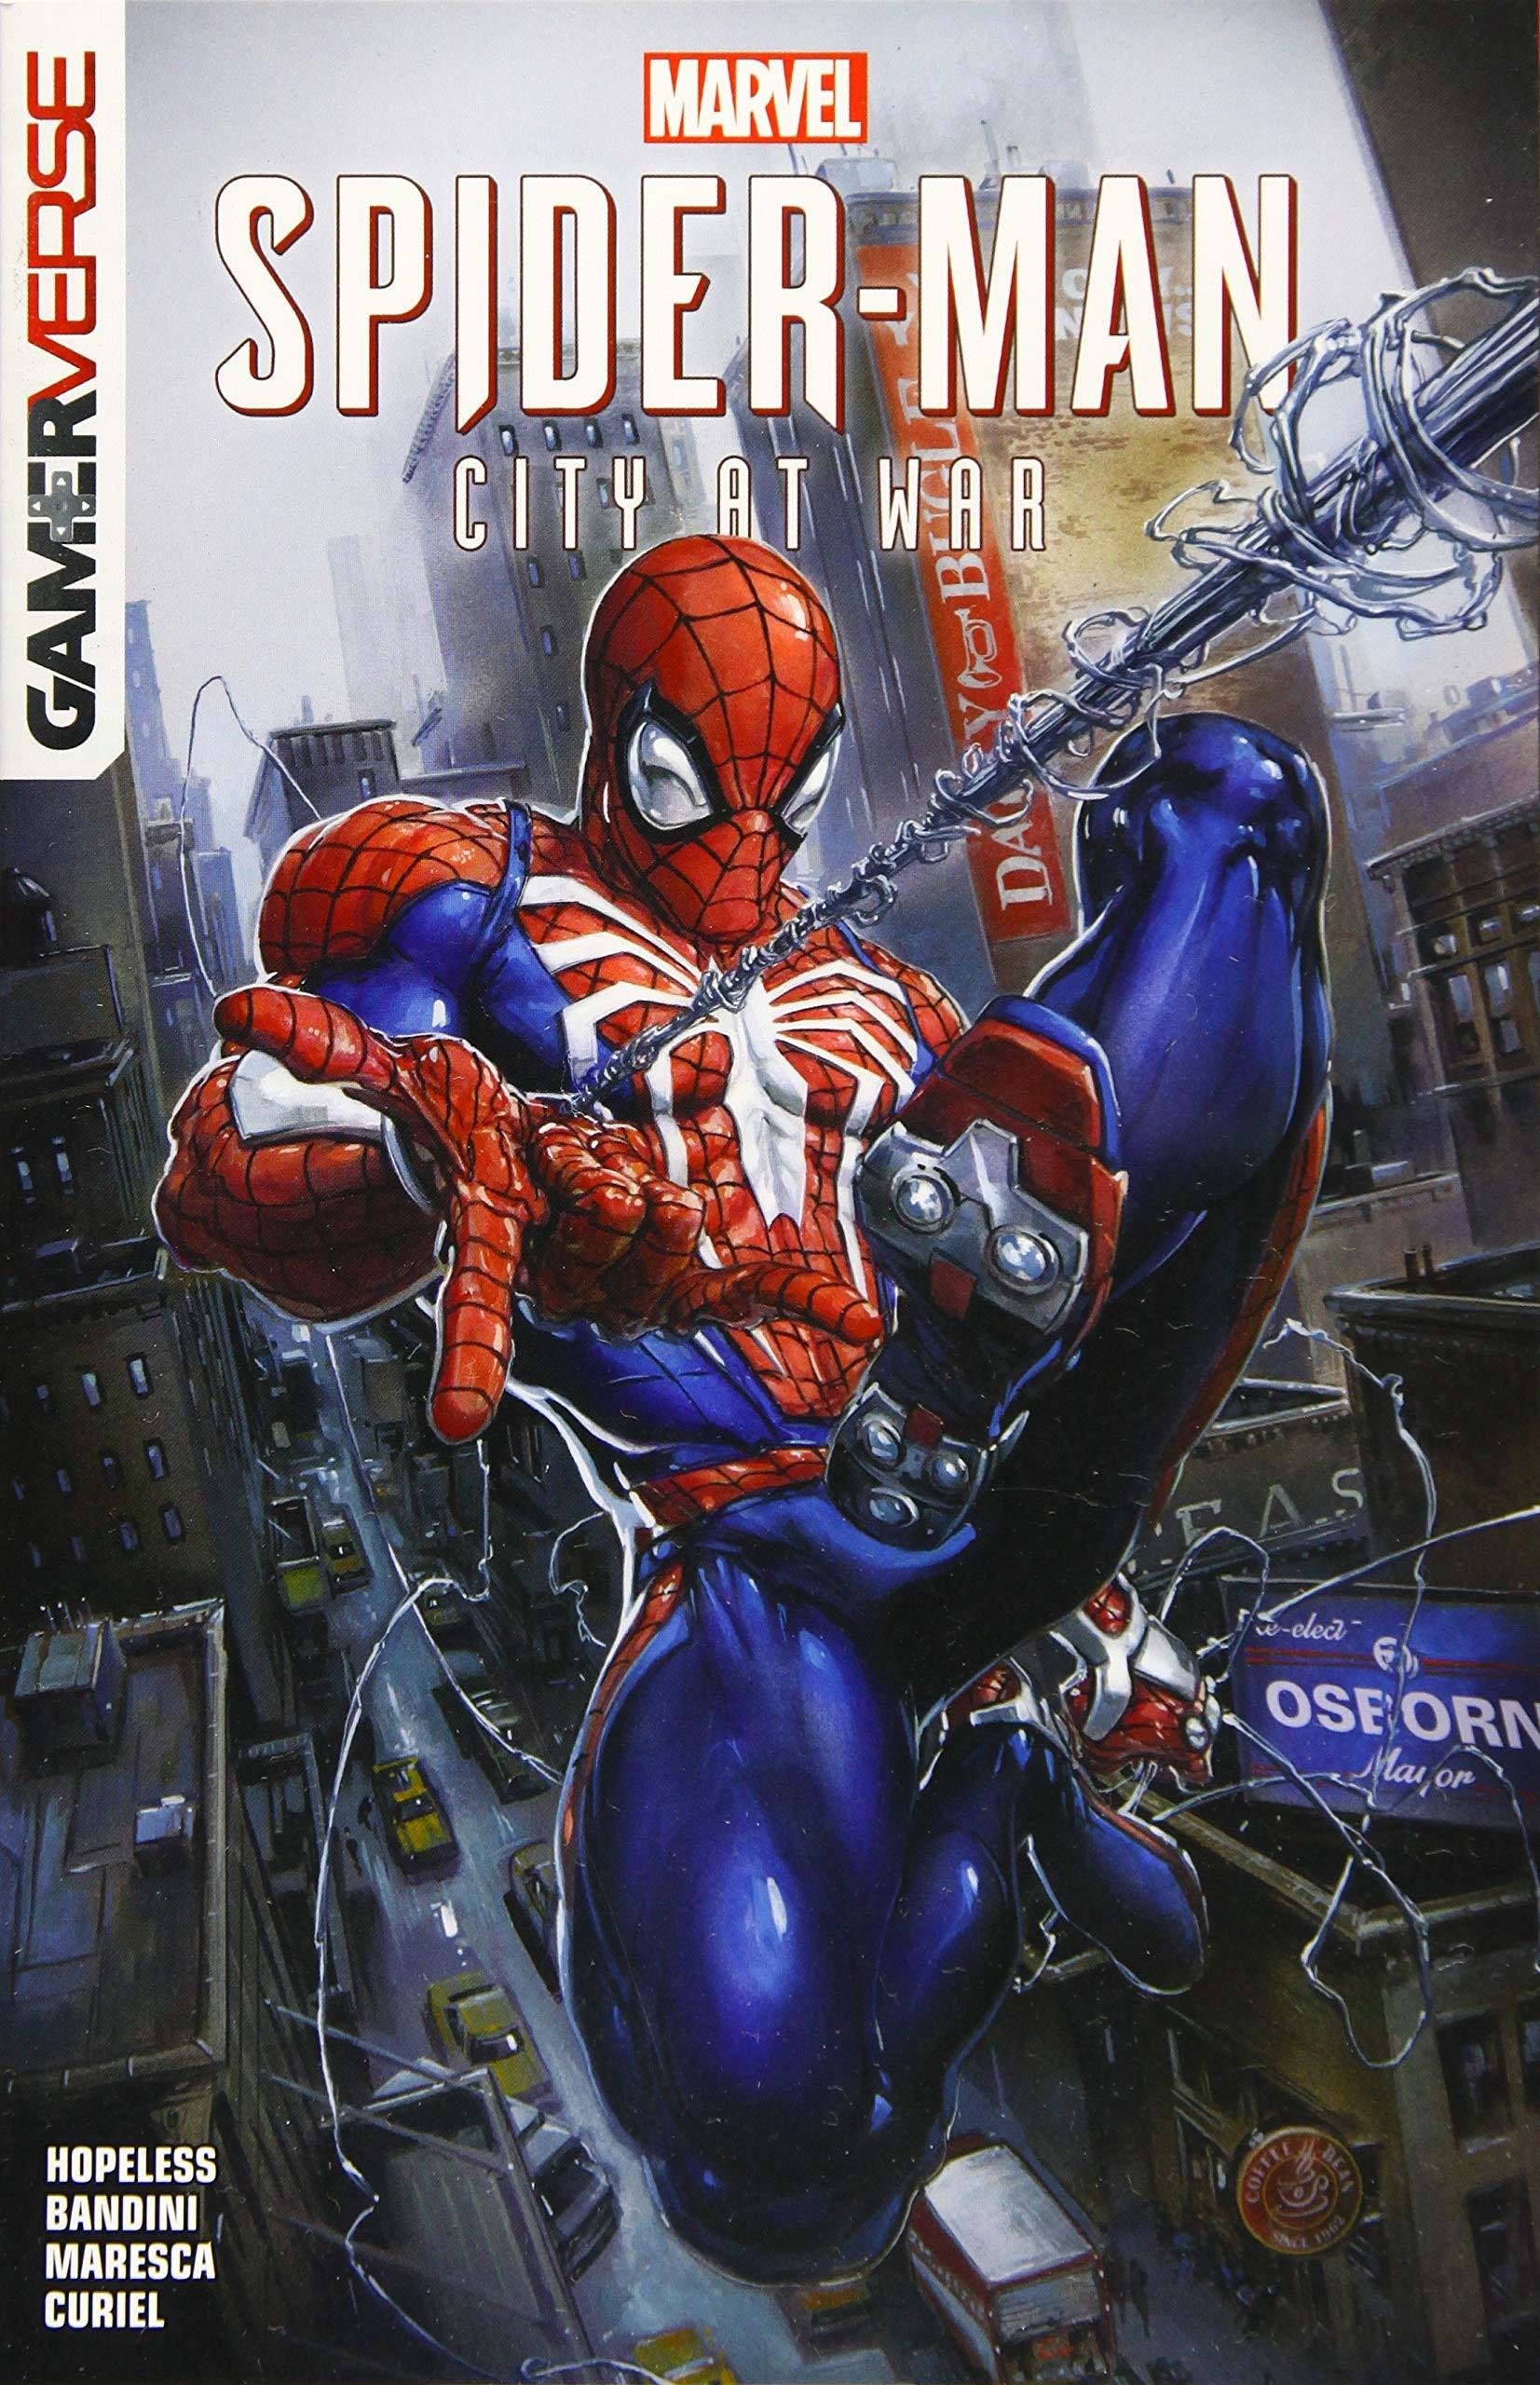 Marvel's Spider-Man - City at War